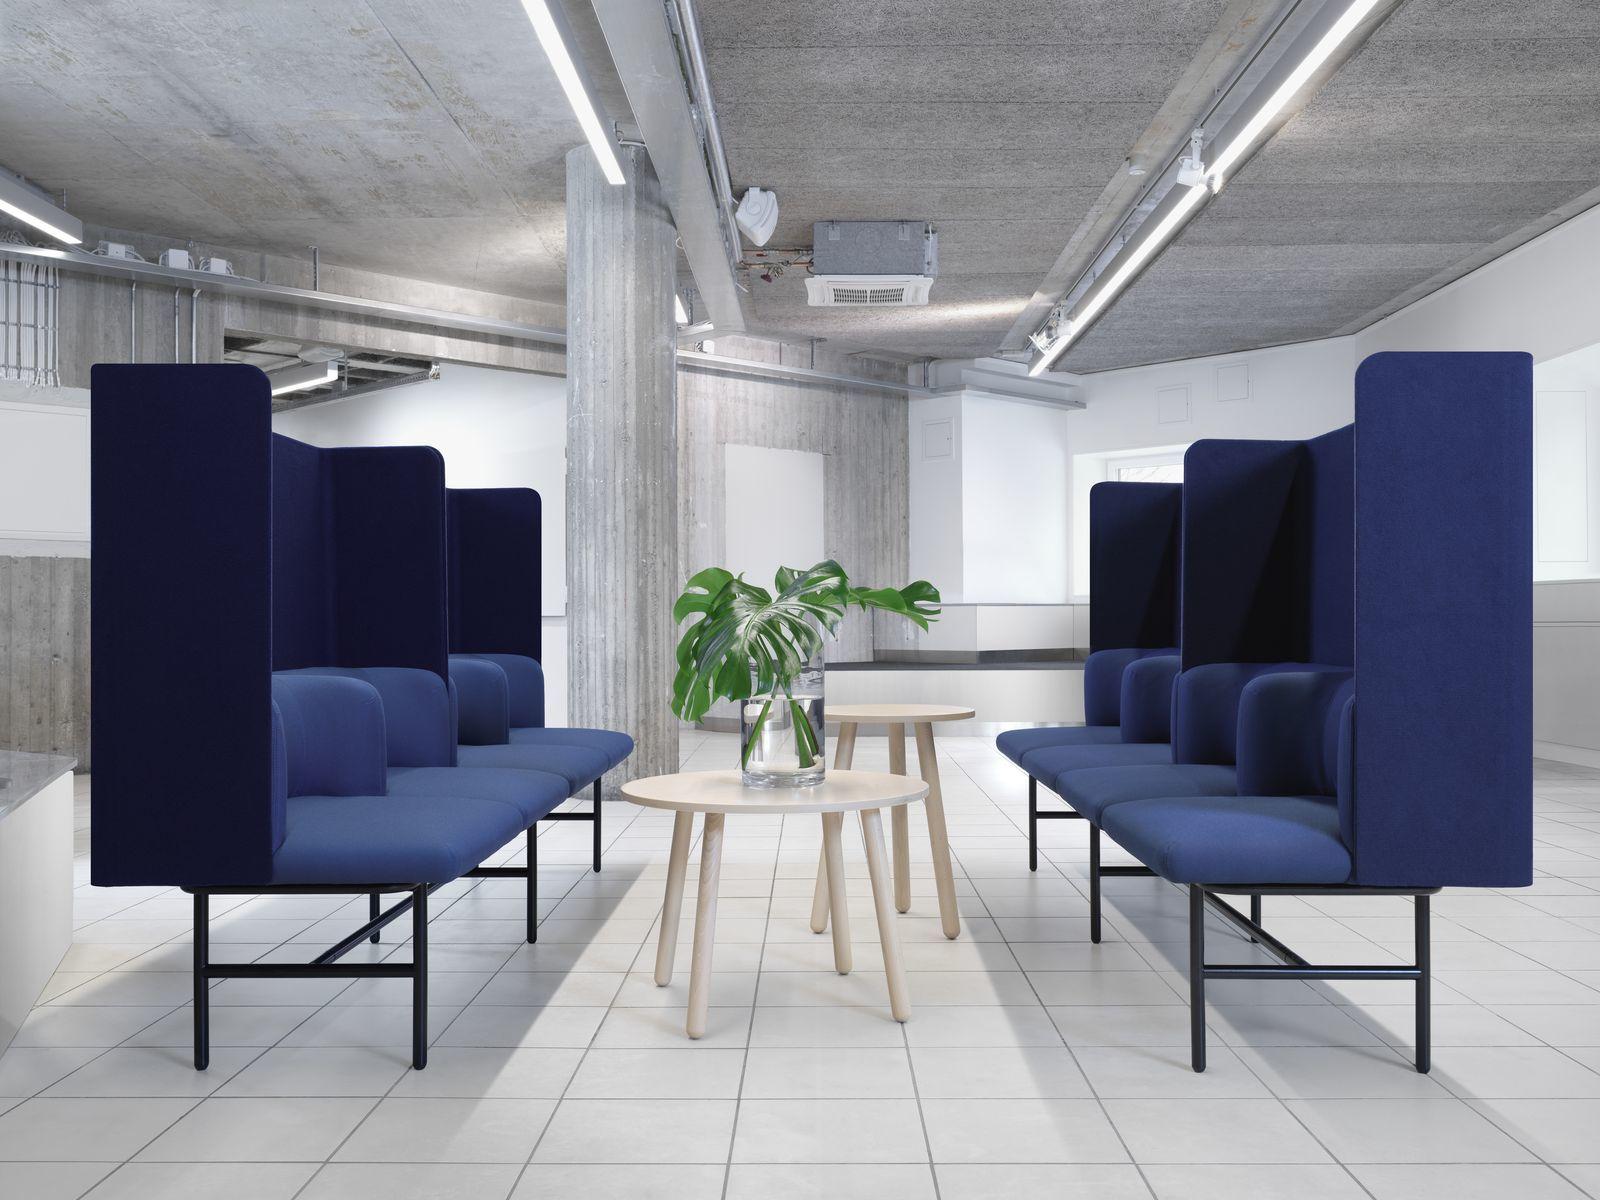 empfangstheken-sitzmoebel-foyer-kanzlei-blau-schutz